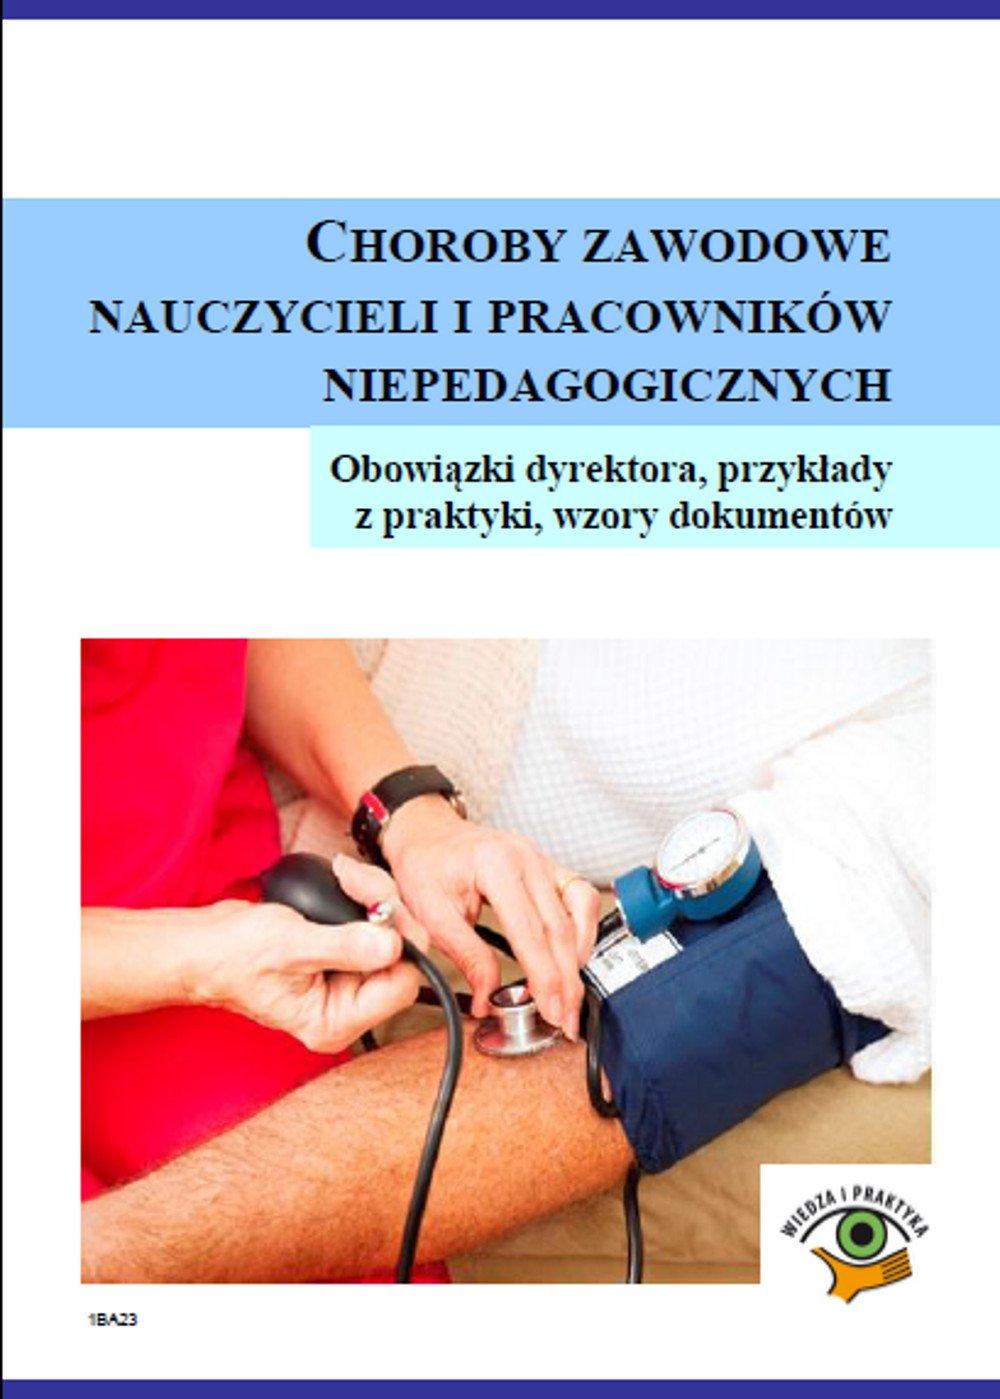 Choroby zawodowe nauczycieli i pracowników niepedagogicznych - Ebook (Książka PDF) do pobrania w formacie PDF